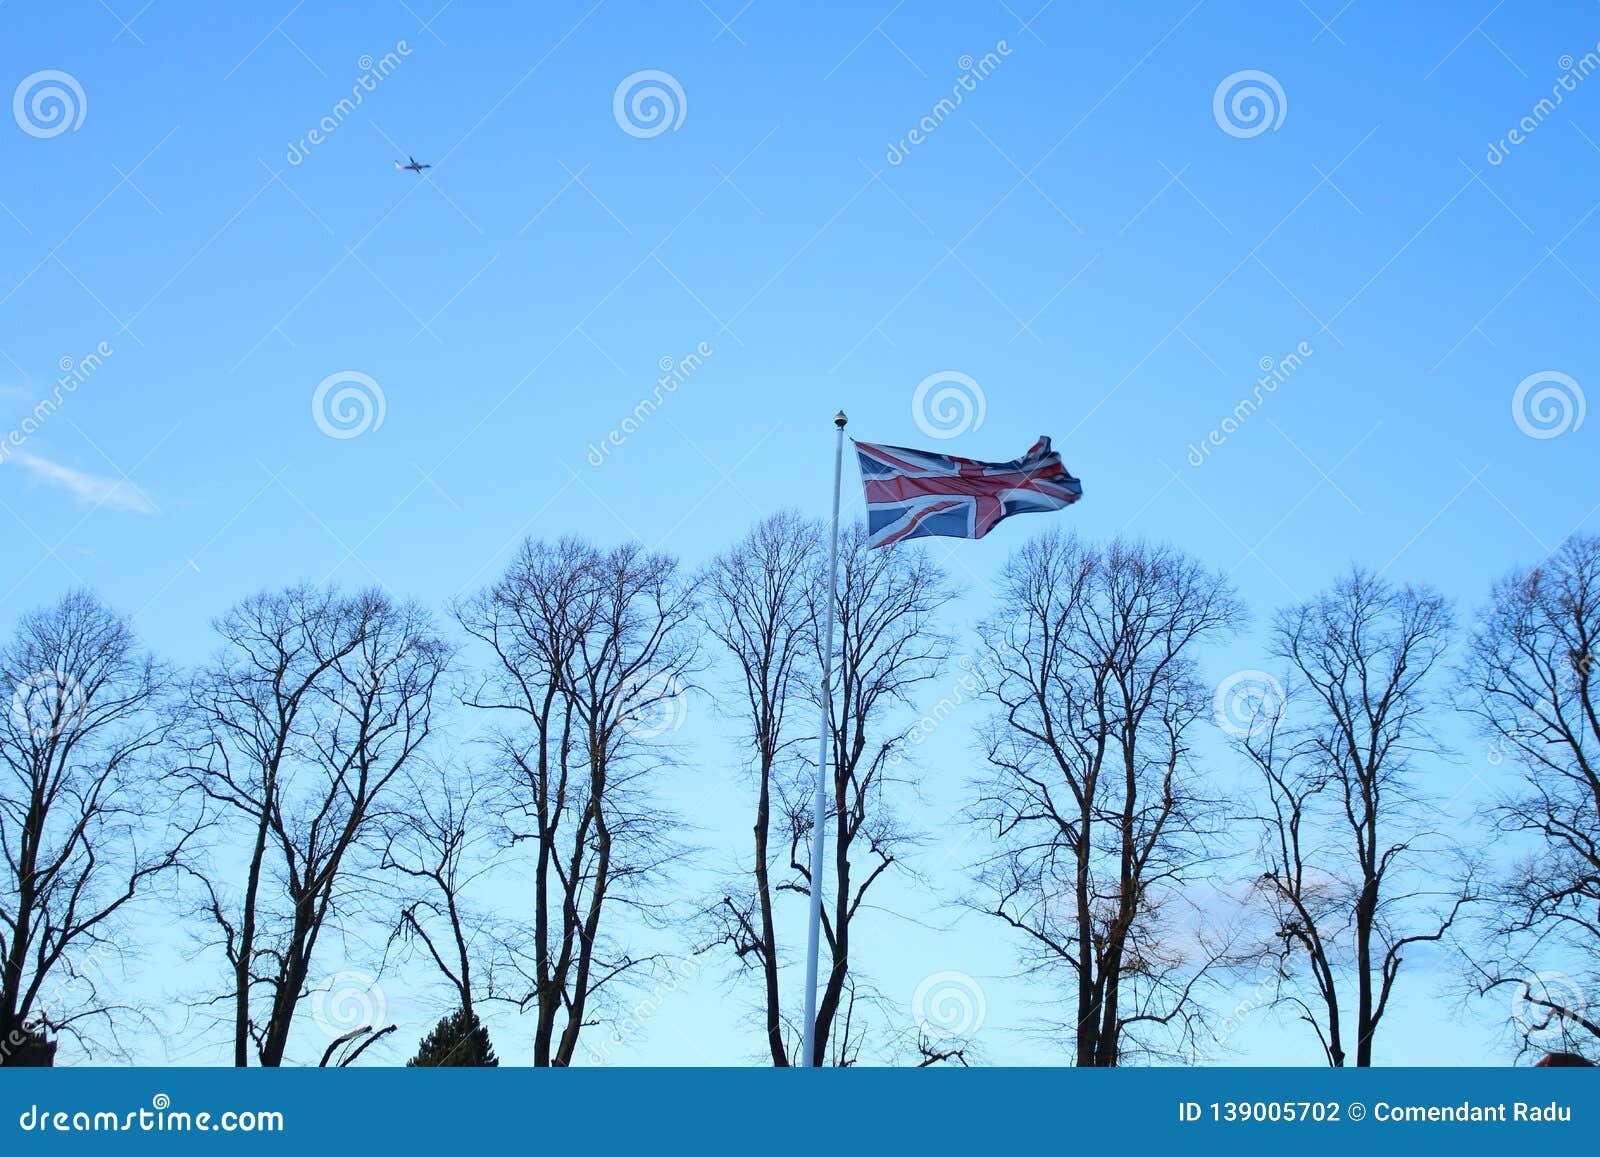 Le drapeau de la Grande-Bretagne flottant dans le vent Papier peint avec le ciel bleu clair